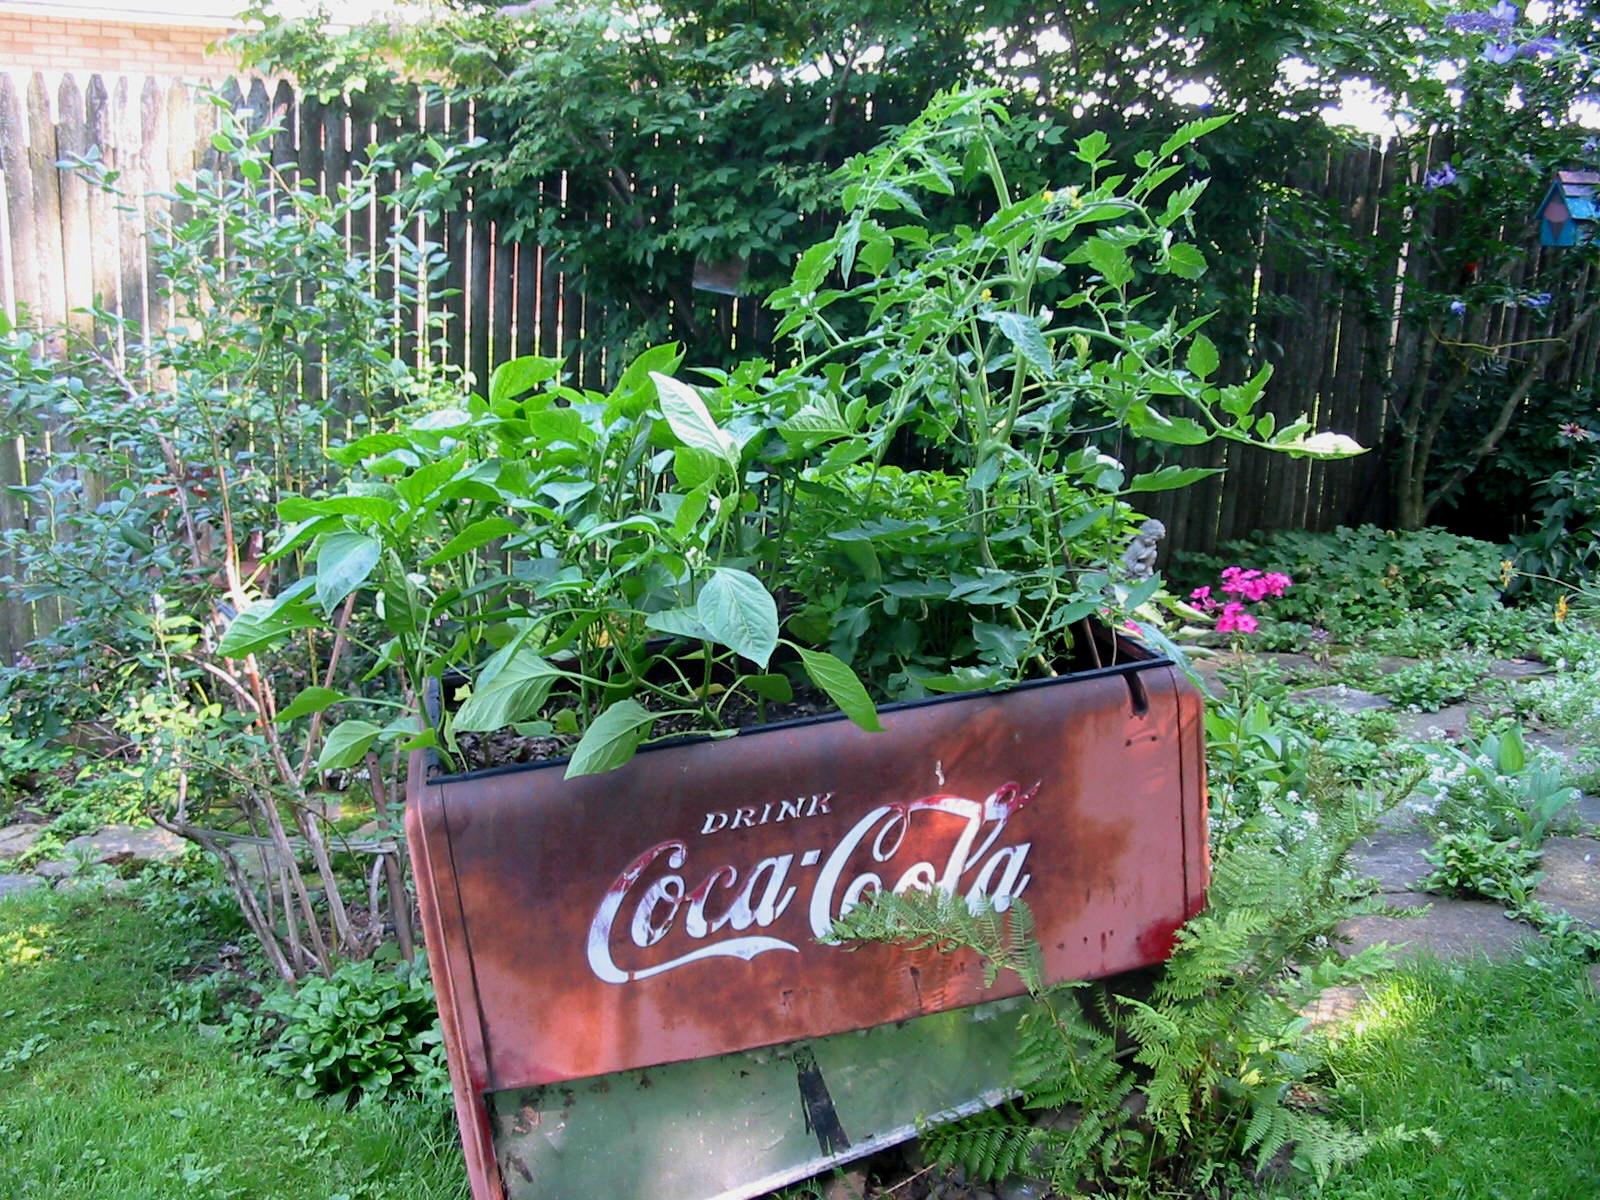 The Moonlight Gardener Recycled Garden Art Or Gaden Junk